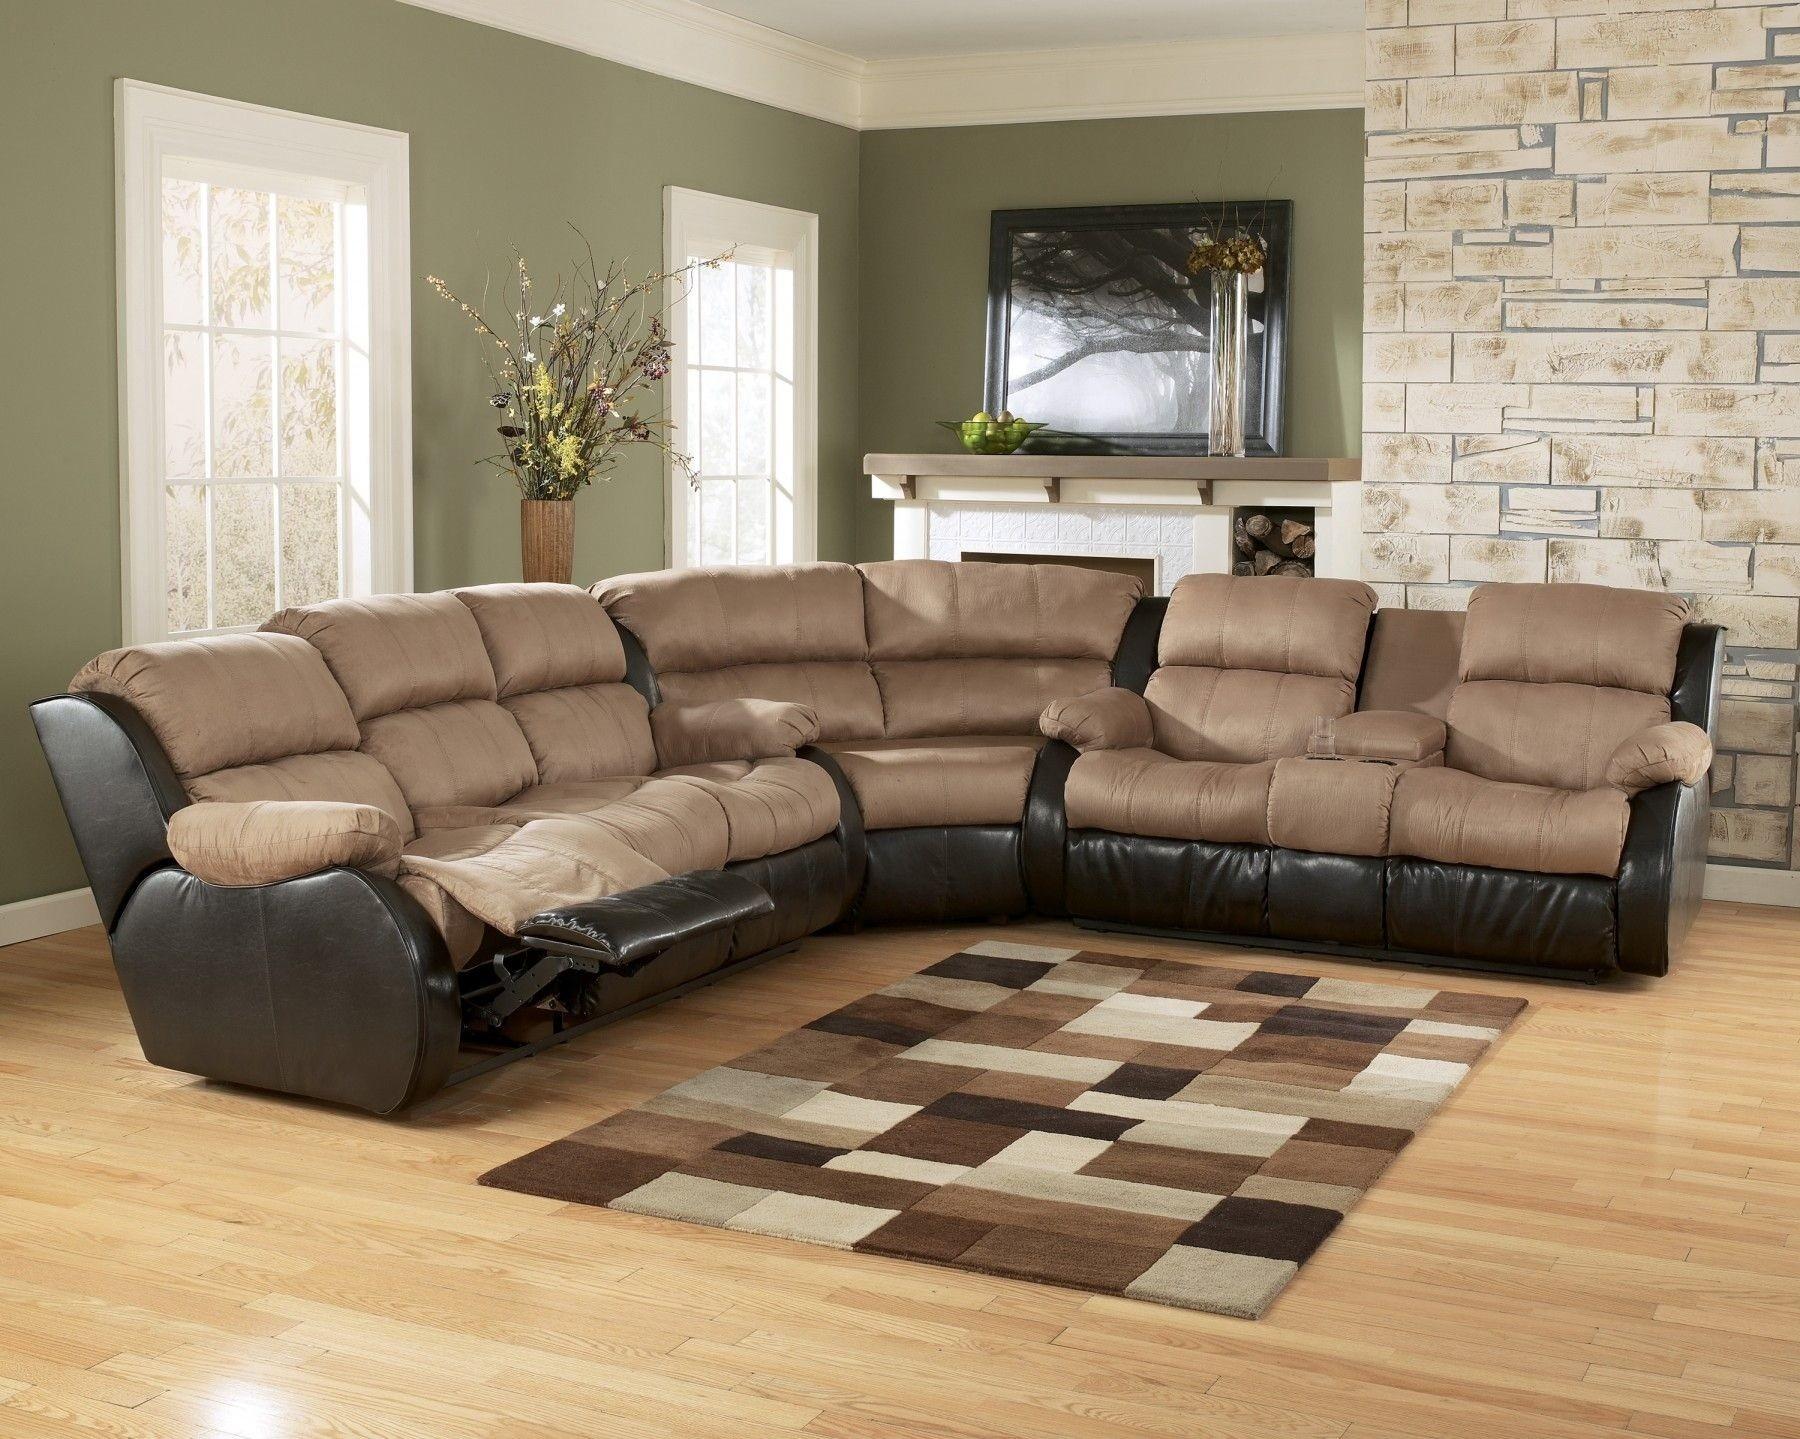 угловой диван реклайнер в гостиной